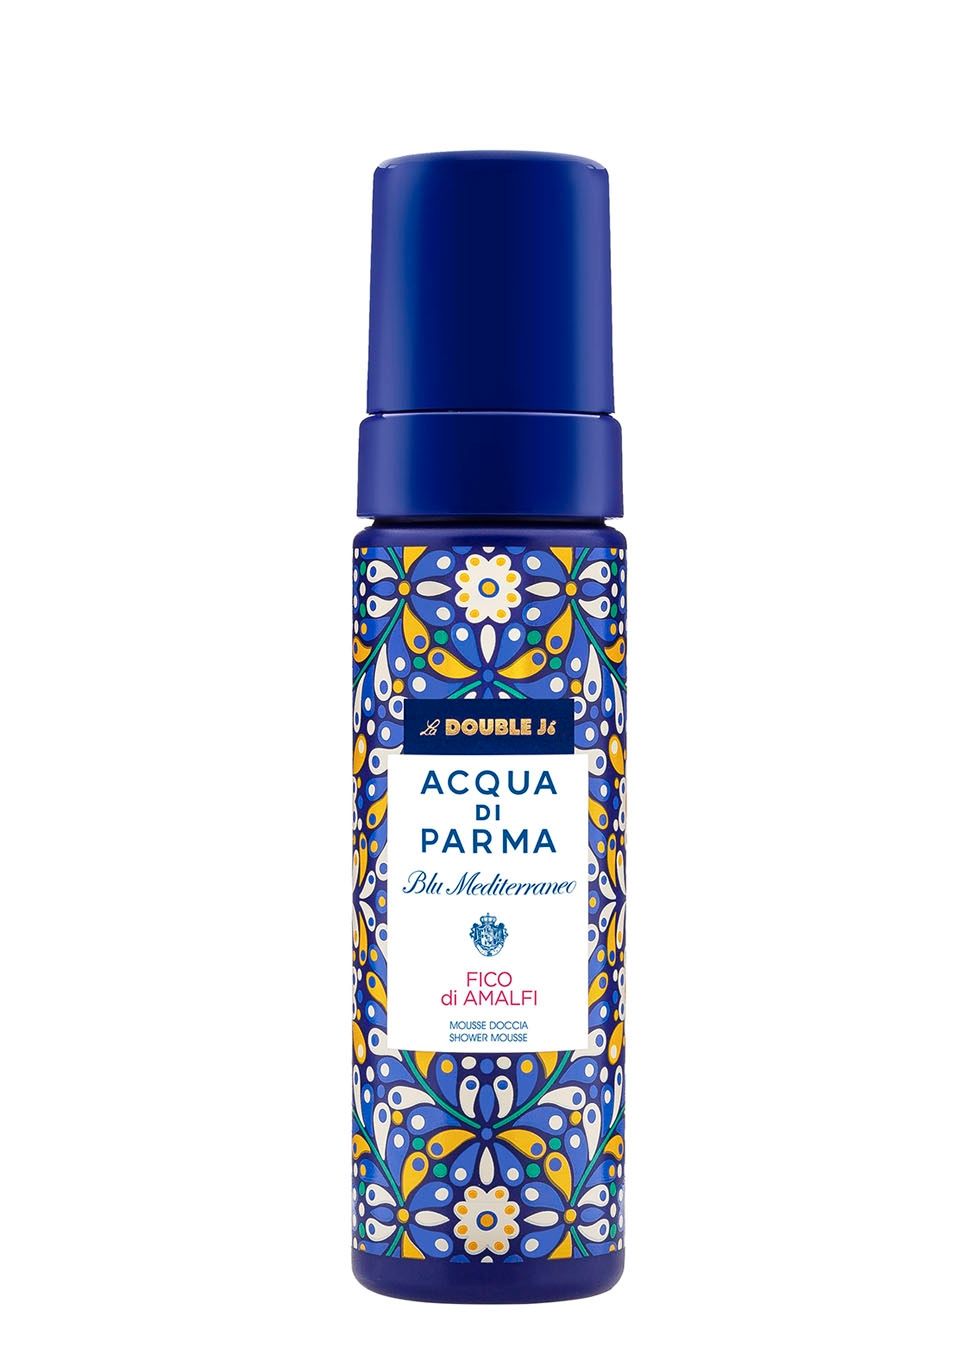 Blu Mediterraneo Fico di Amalfi Shower Mousse 150ml